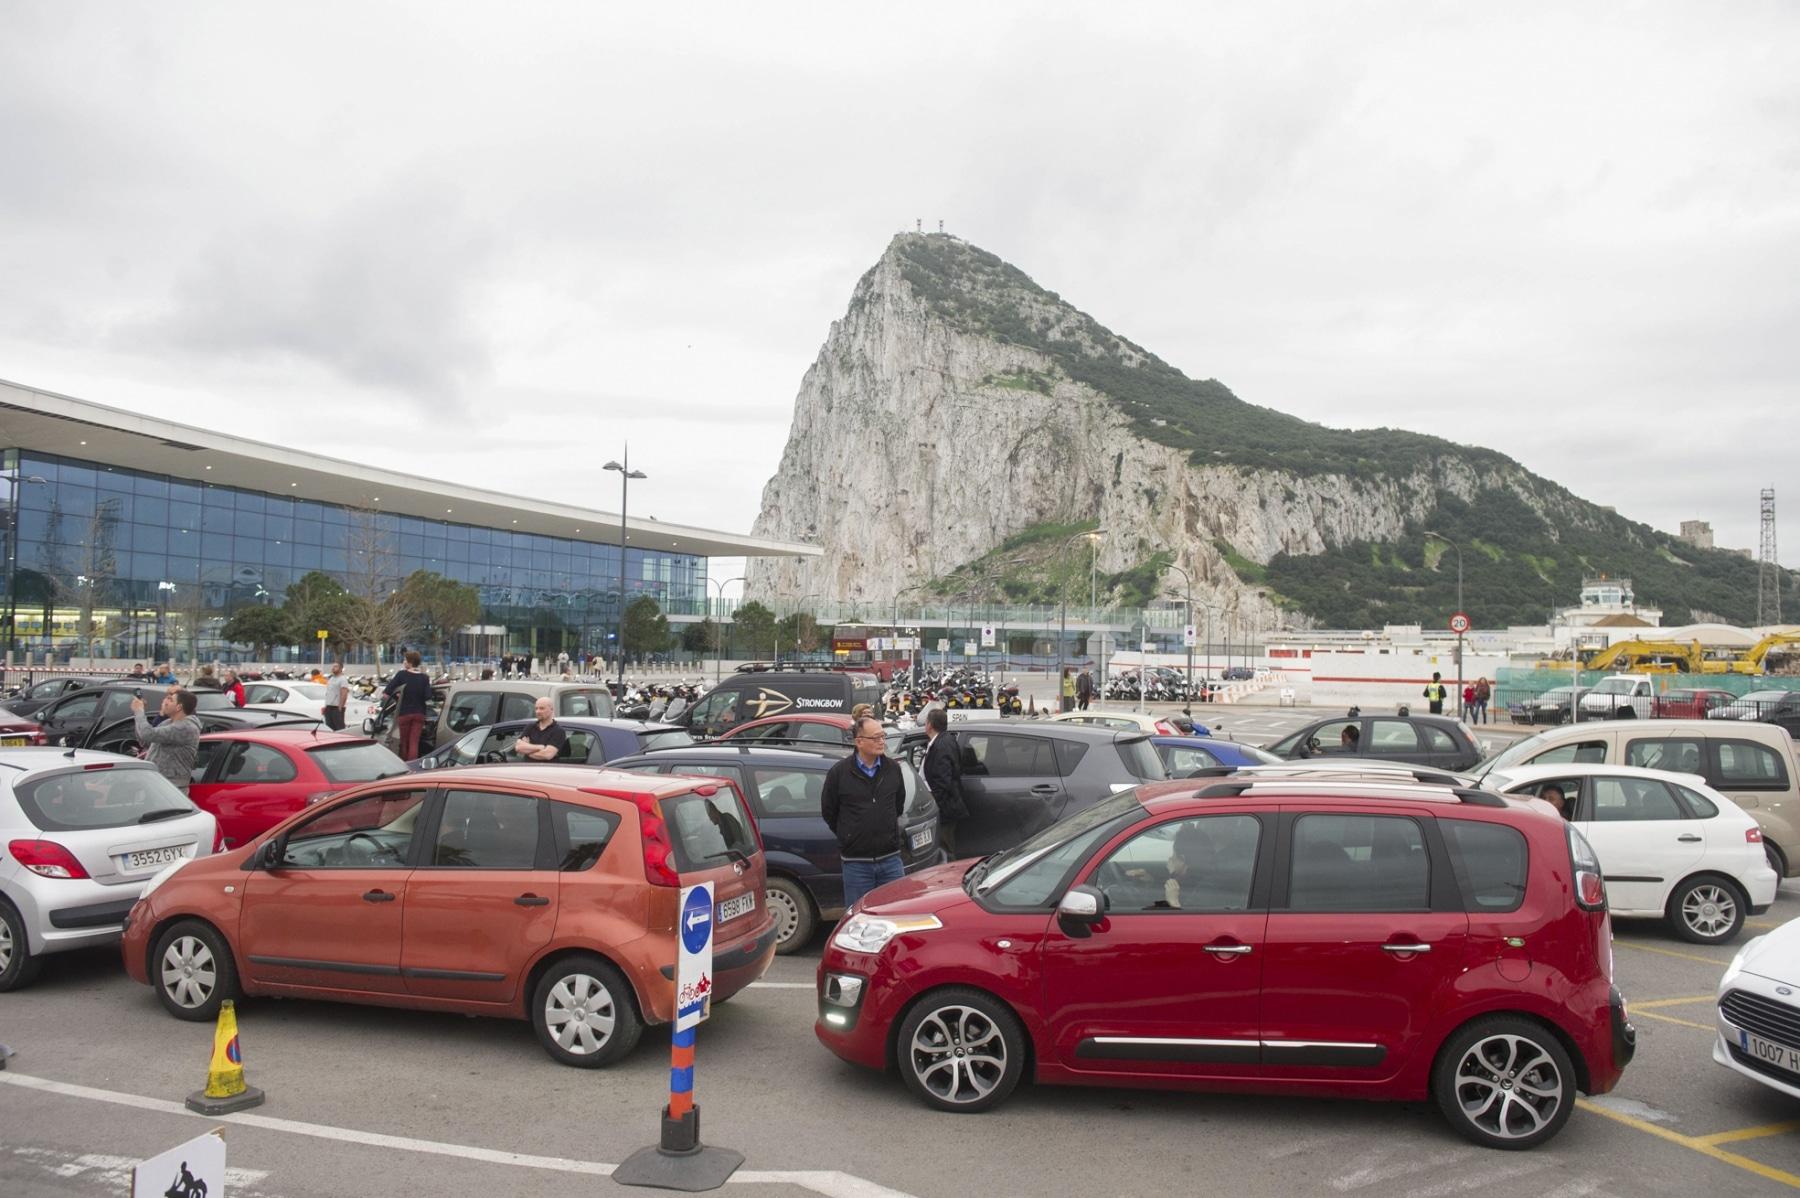 colas-coches-gibraltar-febrero-2014-3_12614703704_o